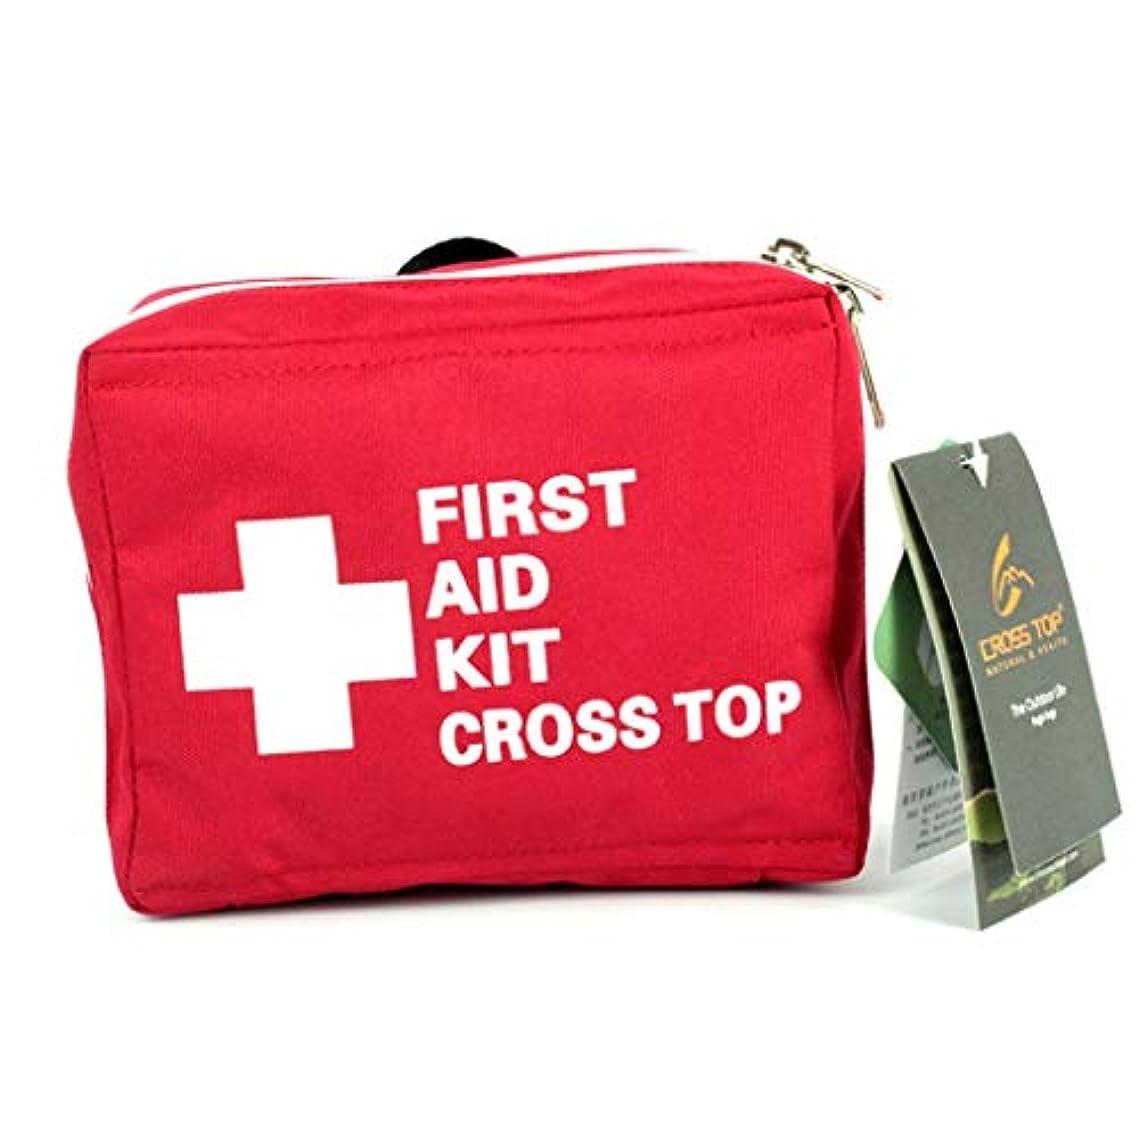 告白する厳密にドリンクFirst aid kit 防水応急処置キットポータブル緊急キットバッグ旅行サバイバルキット空のバッグ準拠ホームカー職場屋外/ 17 x 7.5 x 12 cm XBCDP